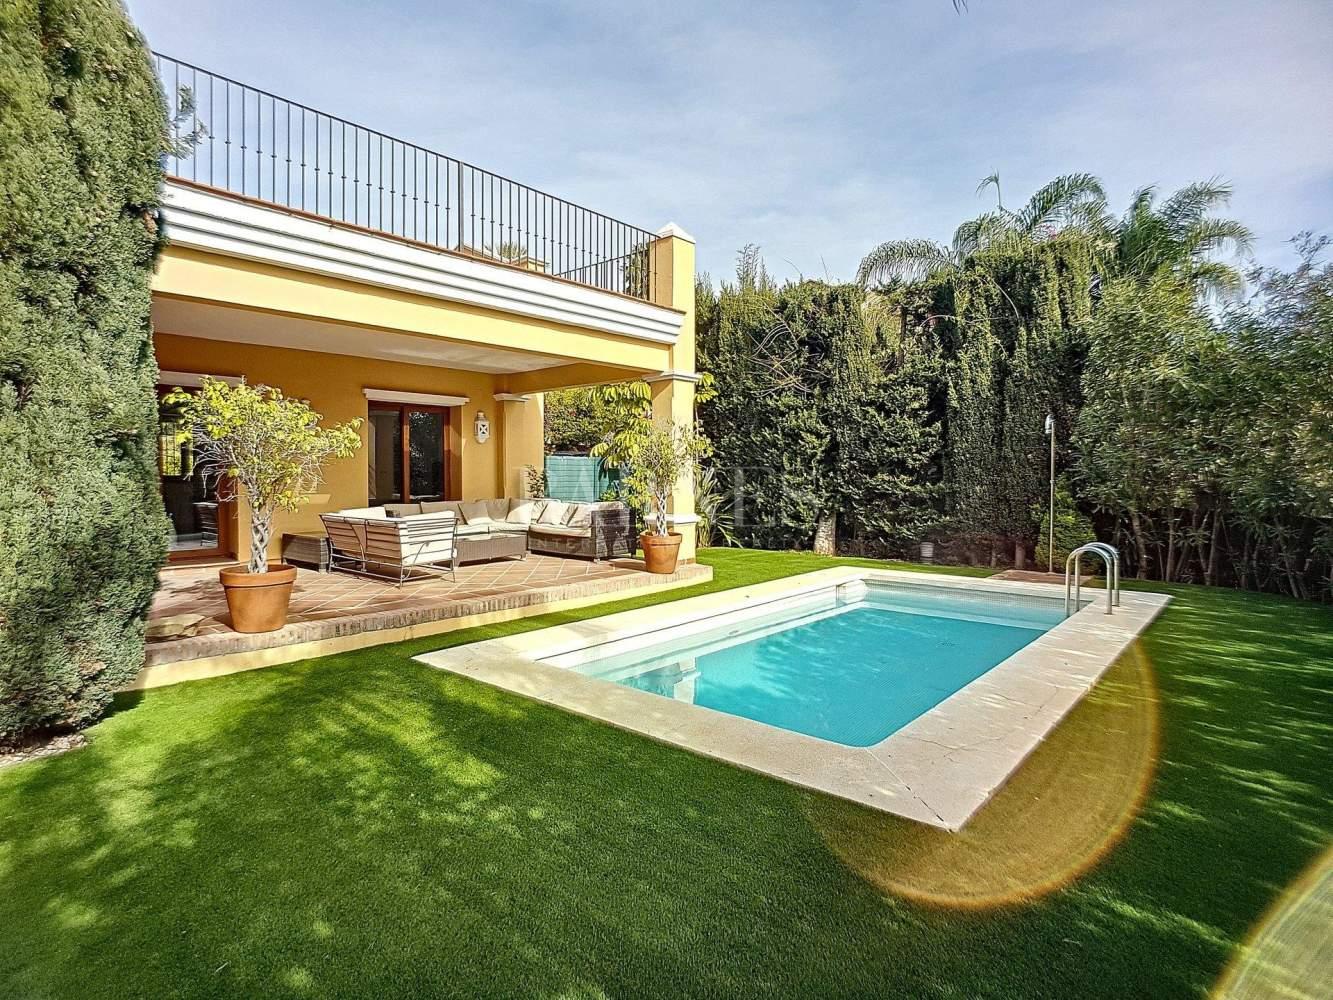 Marbella  - Villa 6 Cuartos 5 Habitaciones - picture 3